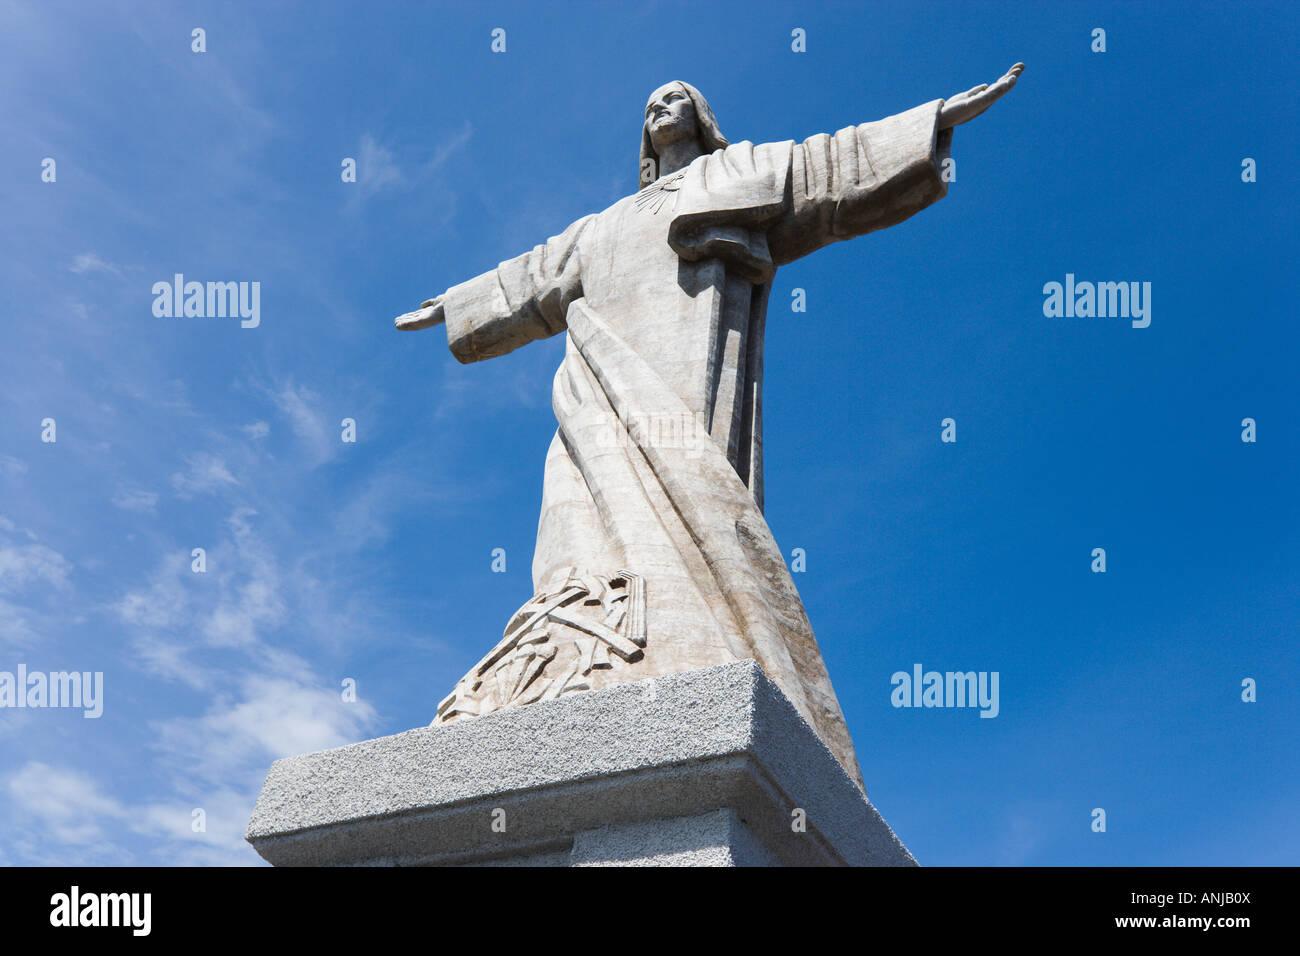 La Statue du Christ, près de Garajau Canico, Madère, Portugal Photo Stock